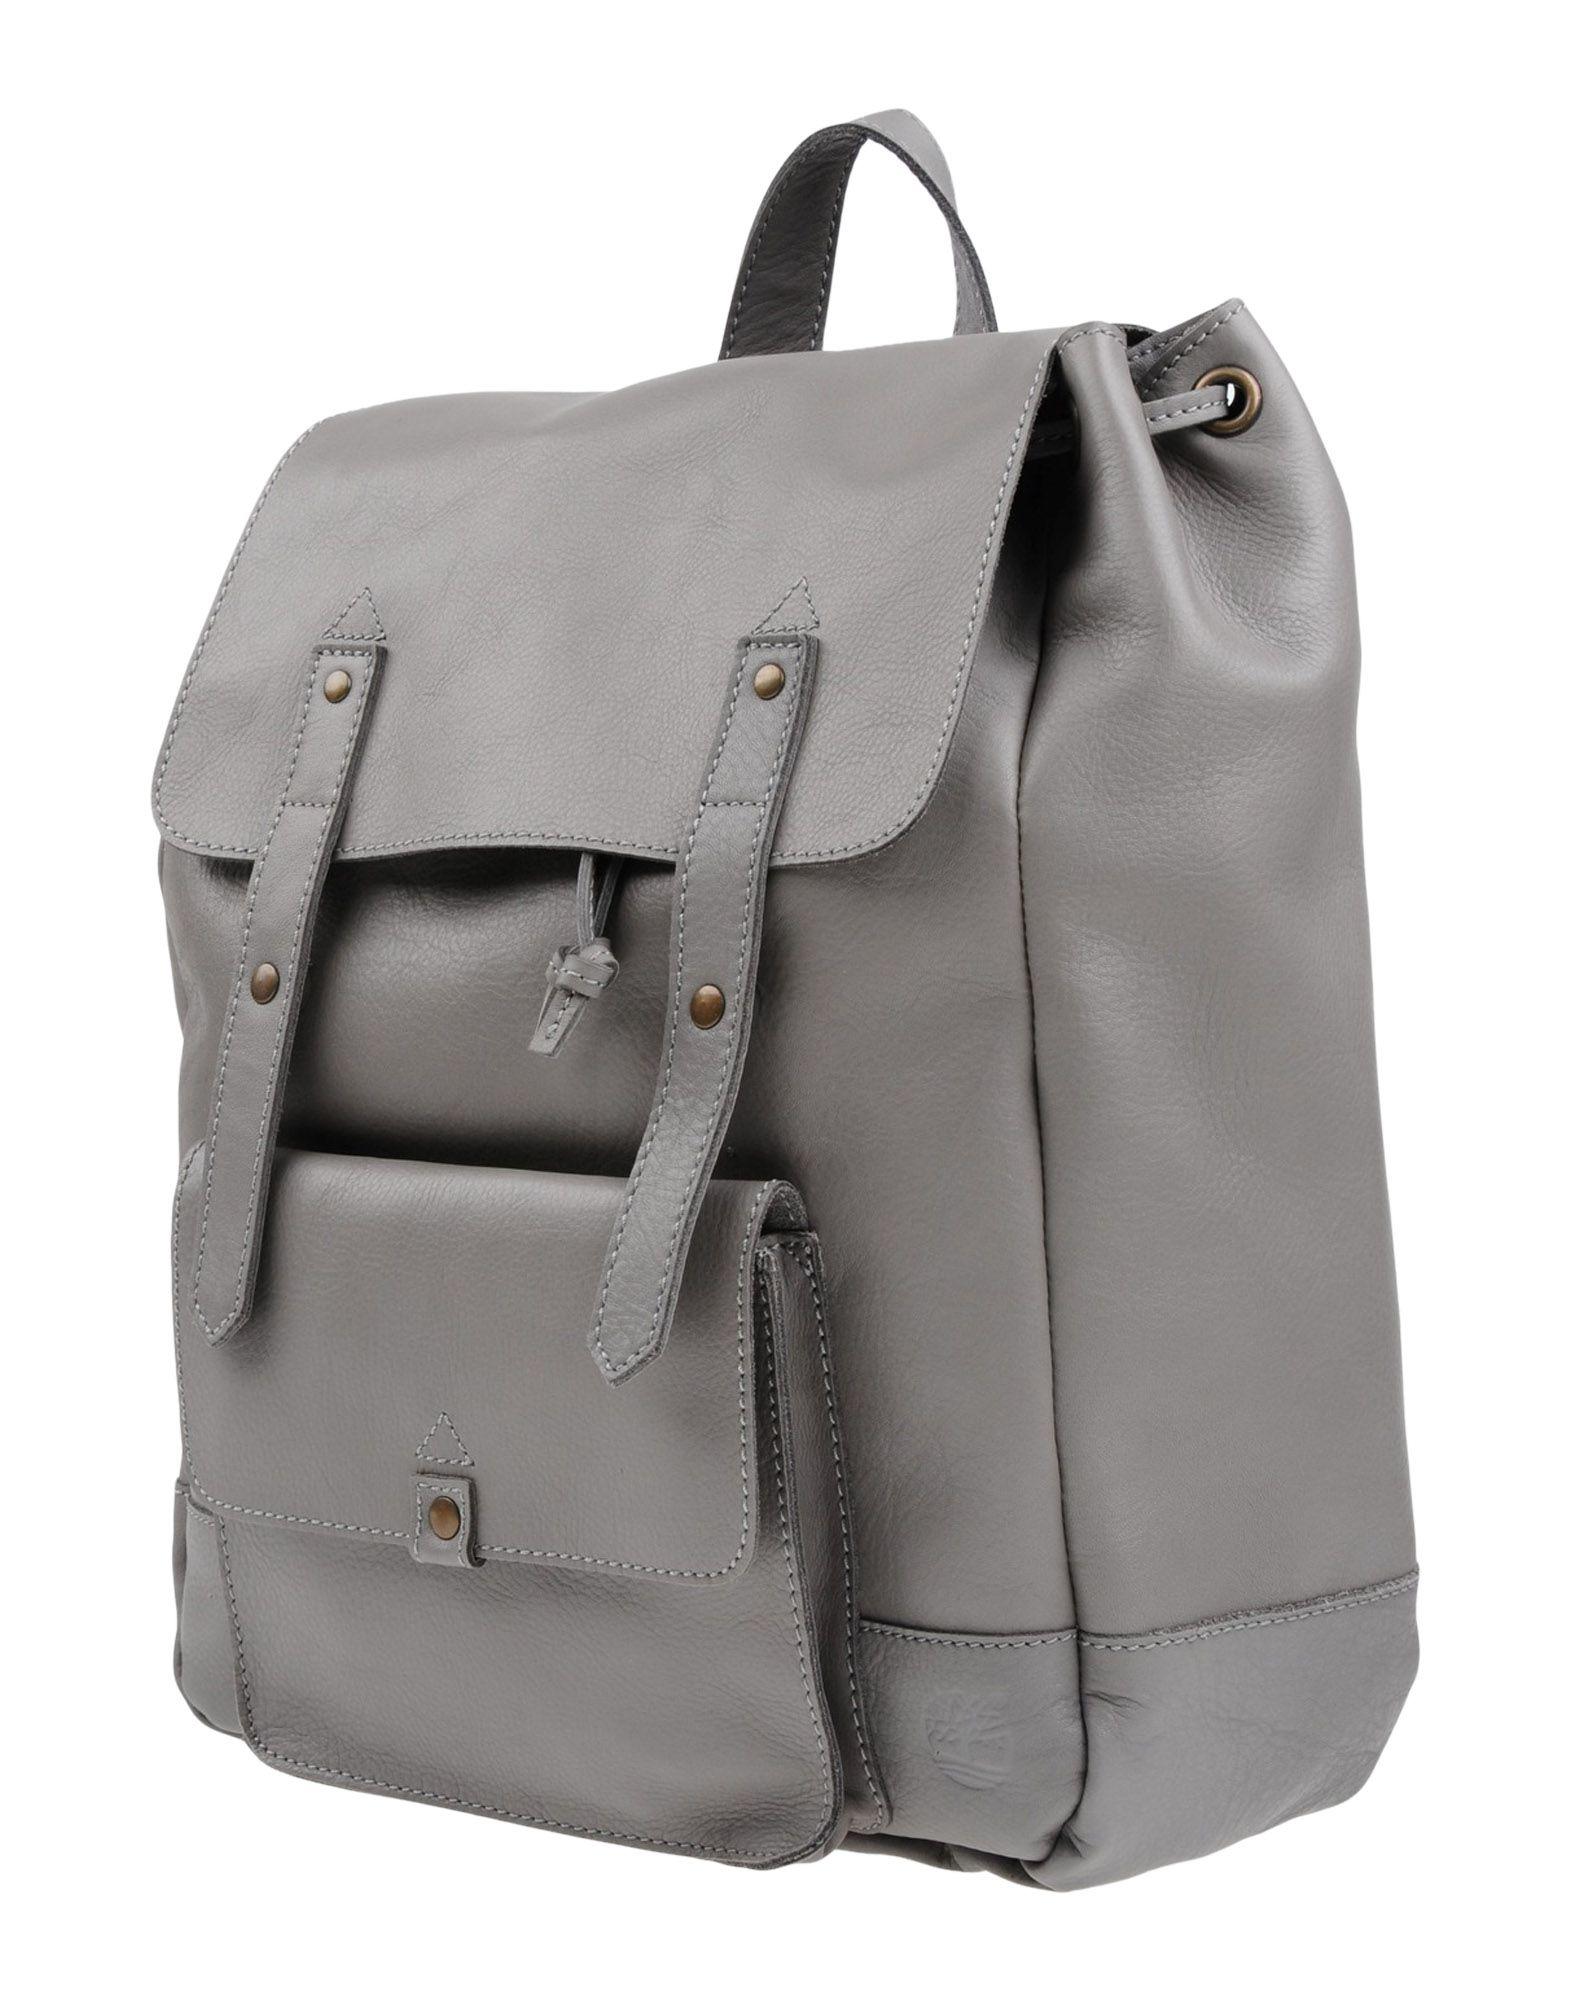 Umit Benan HANDBAGS - Backpacks & Fanny packs su YOOX.COM r6IBF